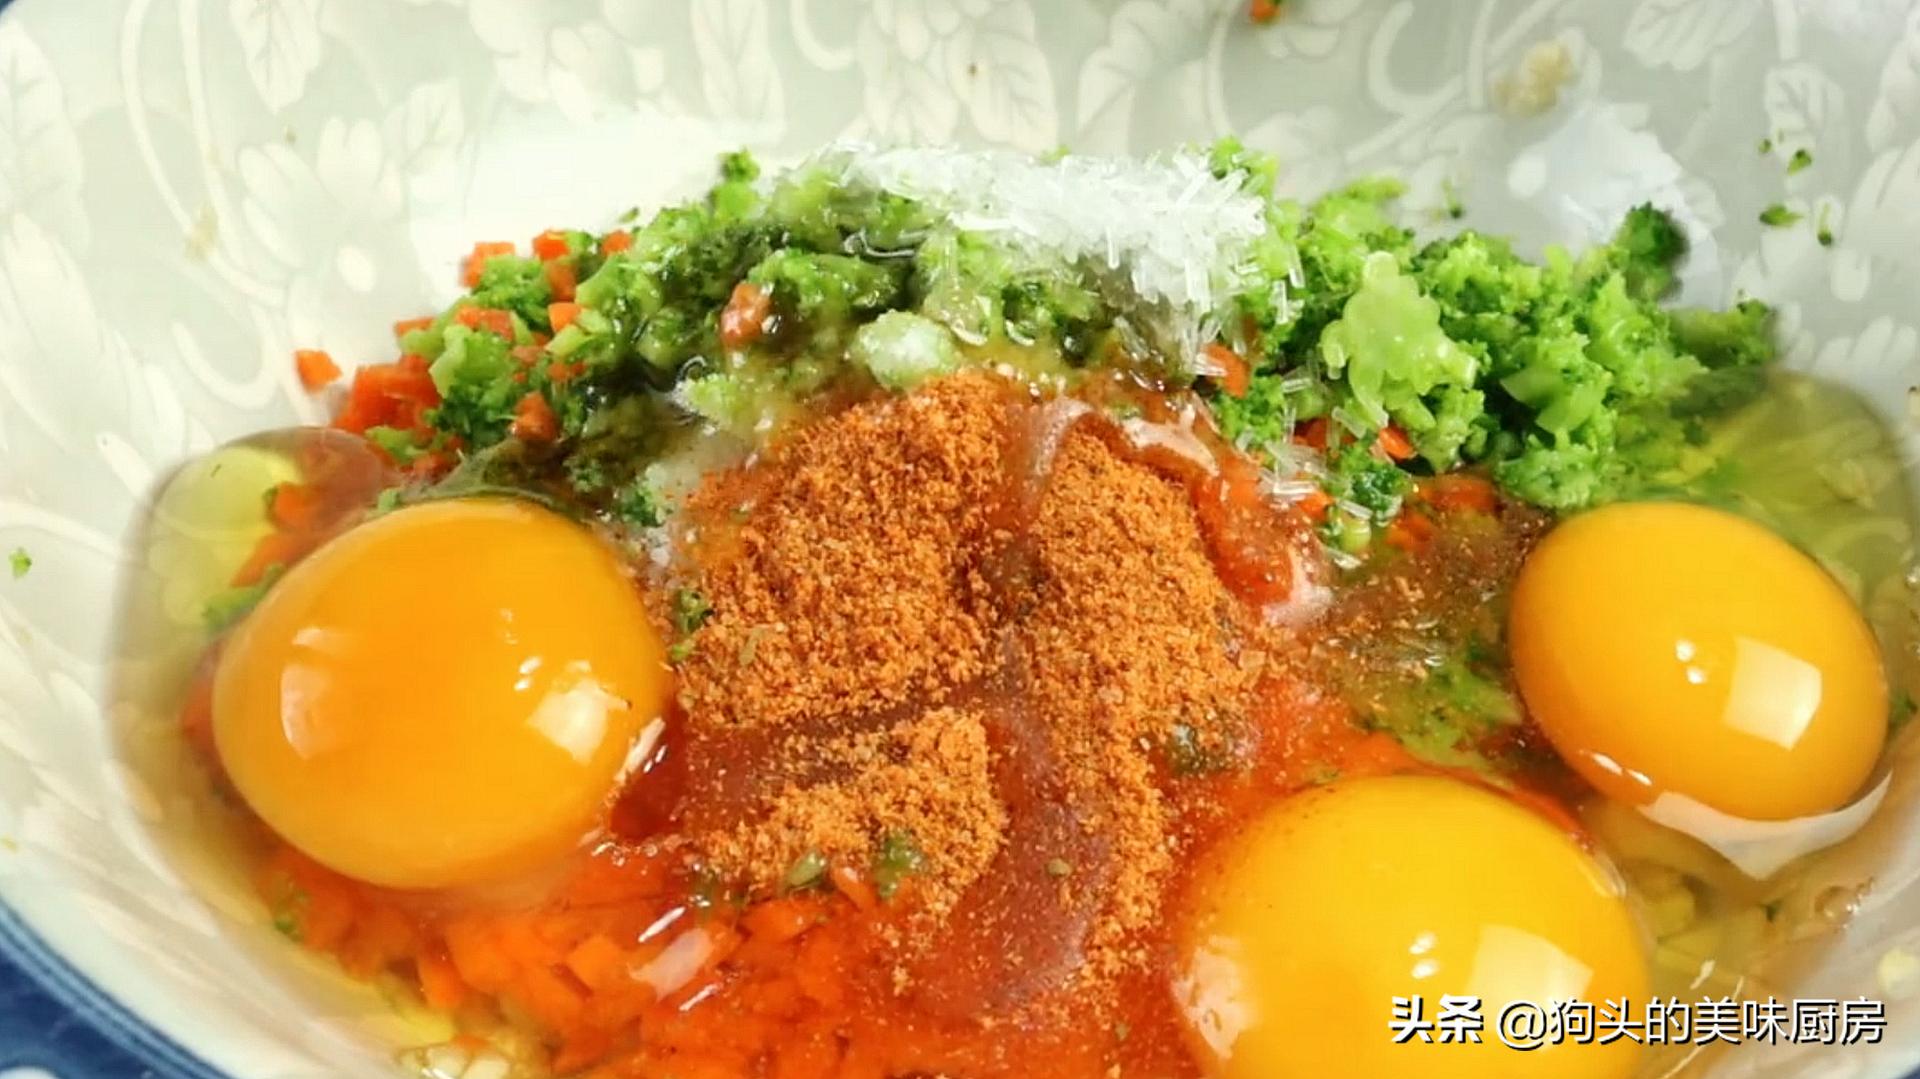 这几样食材真搭,裹在一起拌一拌,入锅简单一煎,好吃还补钙 美食做法 第11张